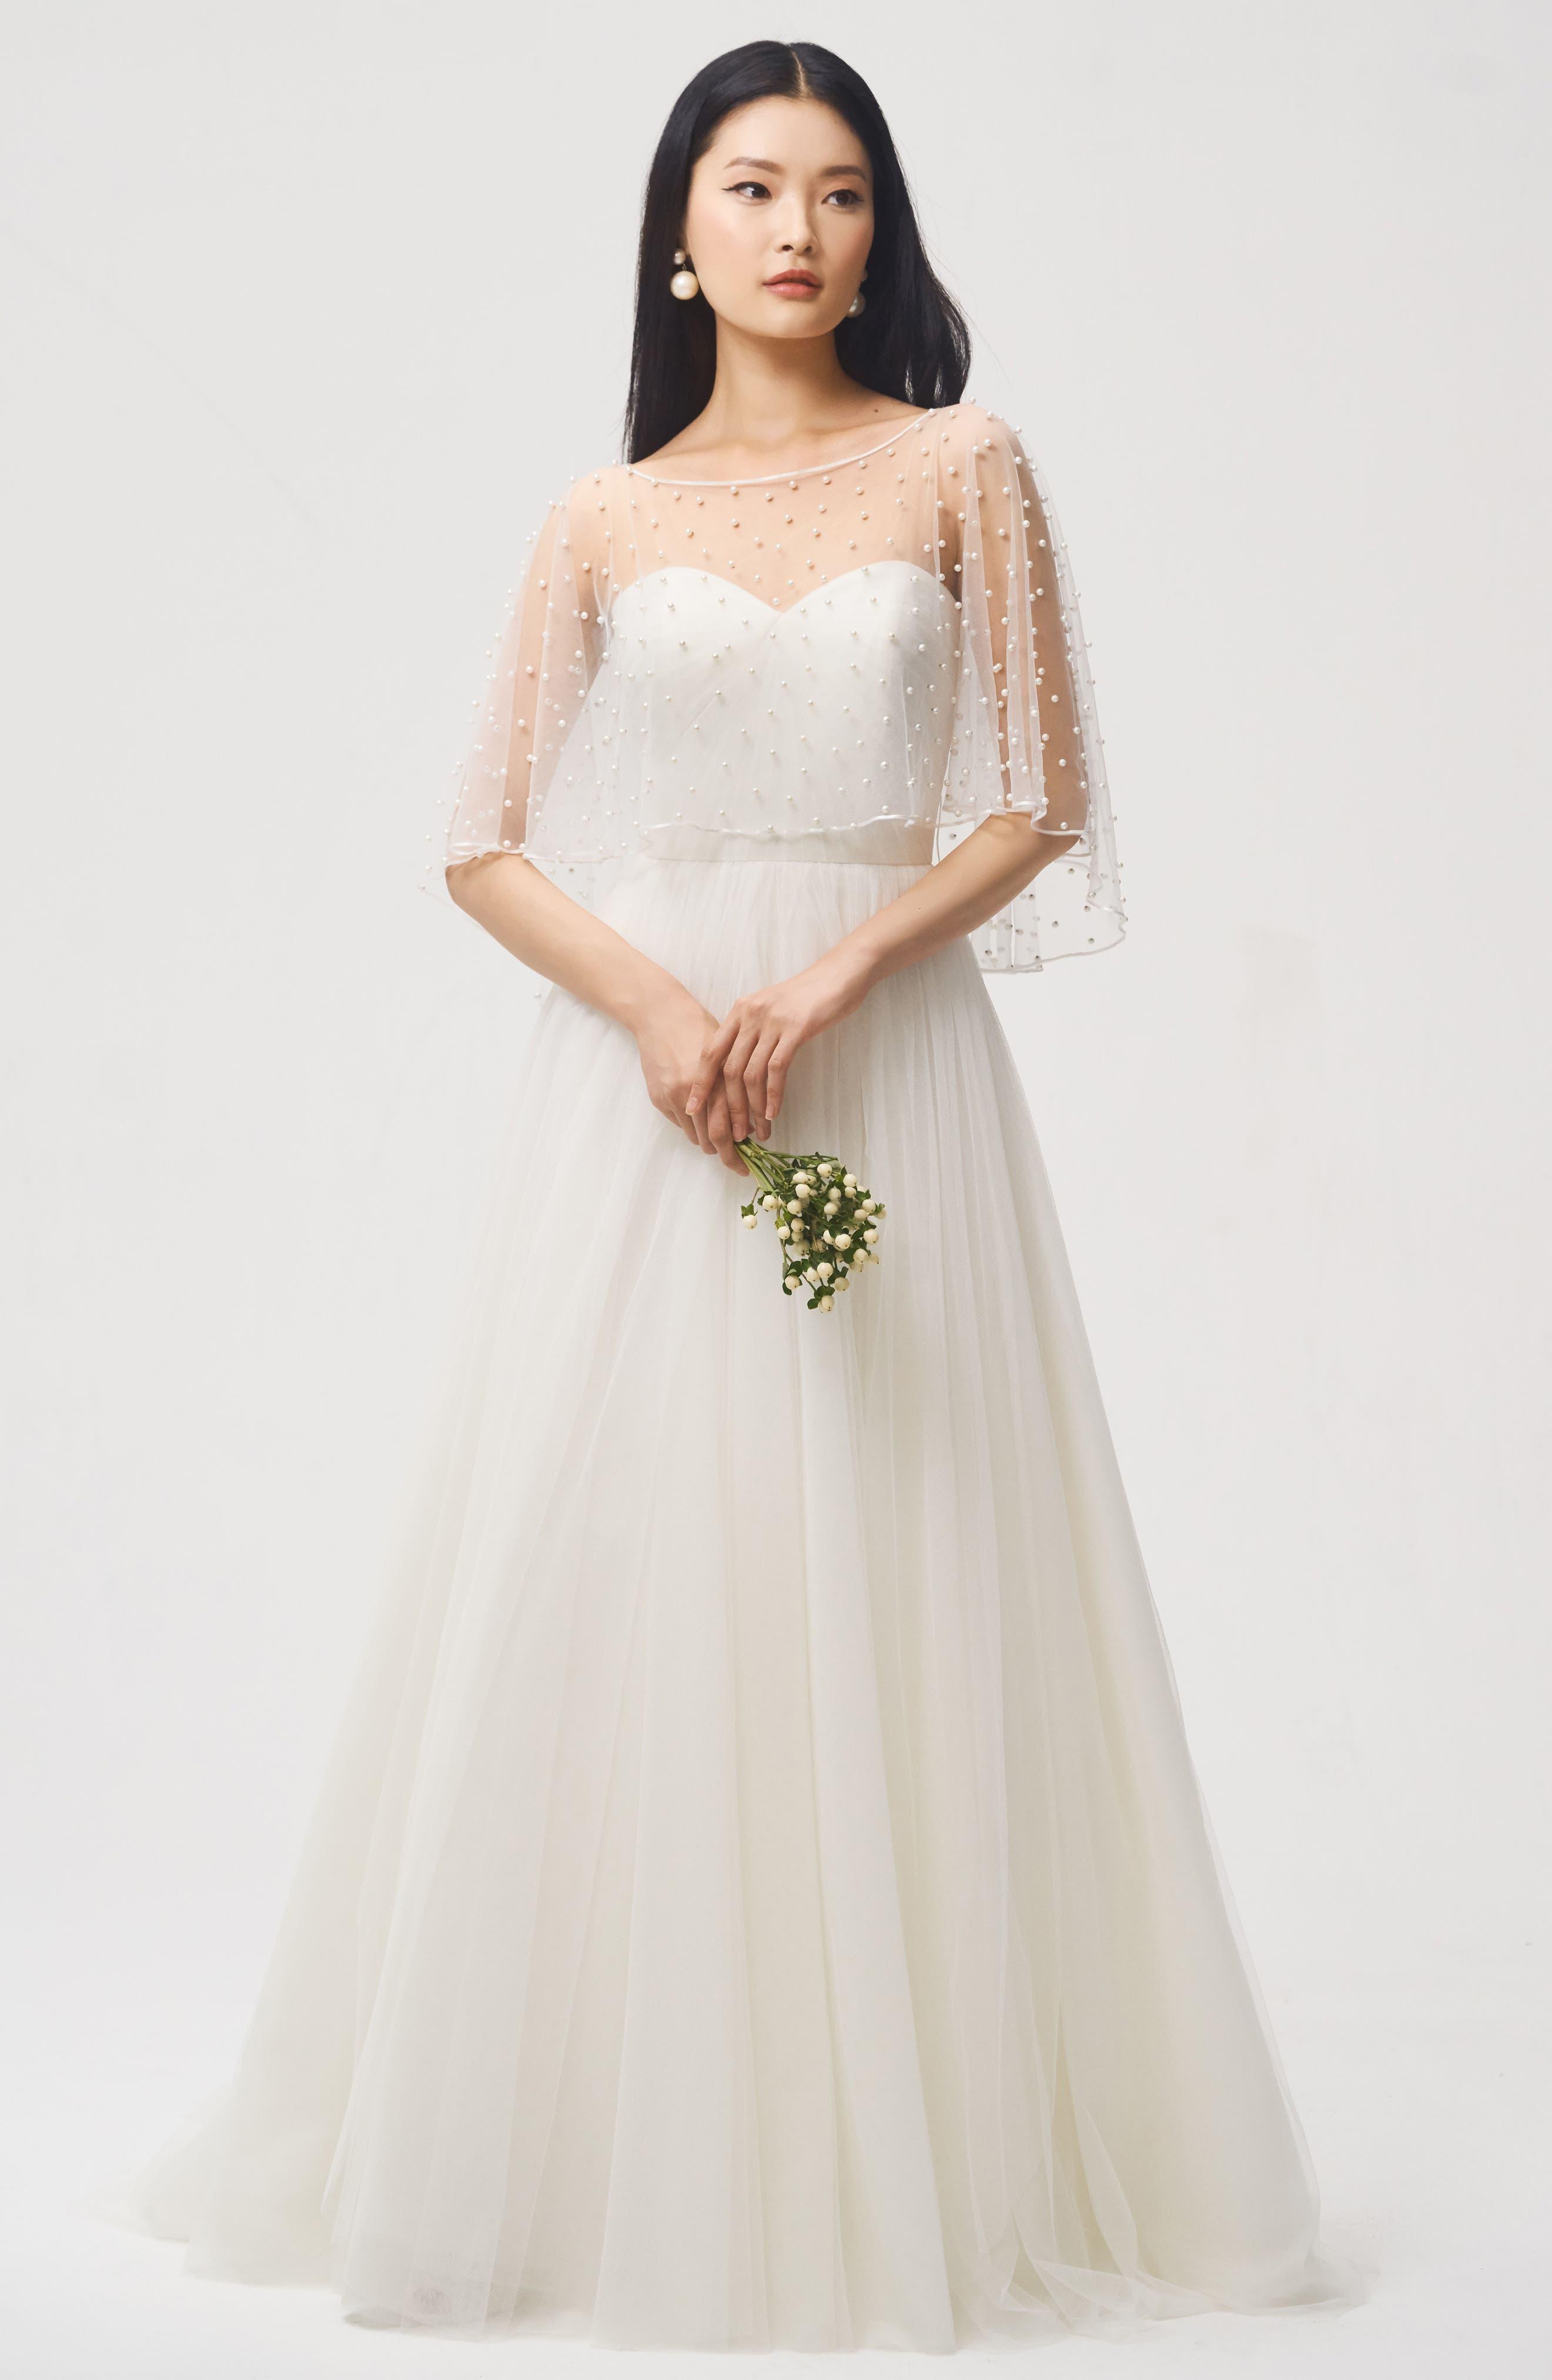 Main Image - Jenny Yoo Fiona Imitation Pearl Tulle Top